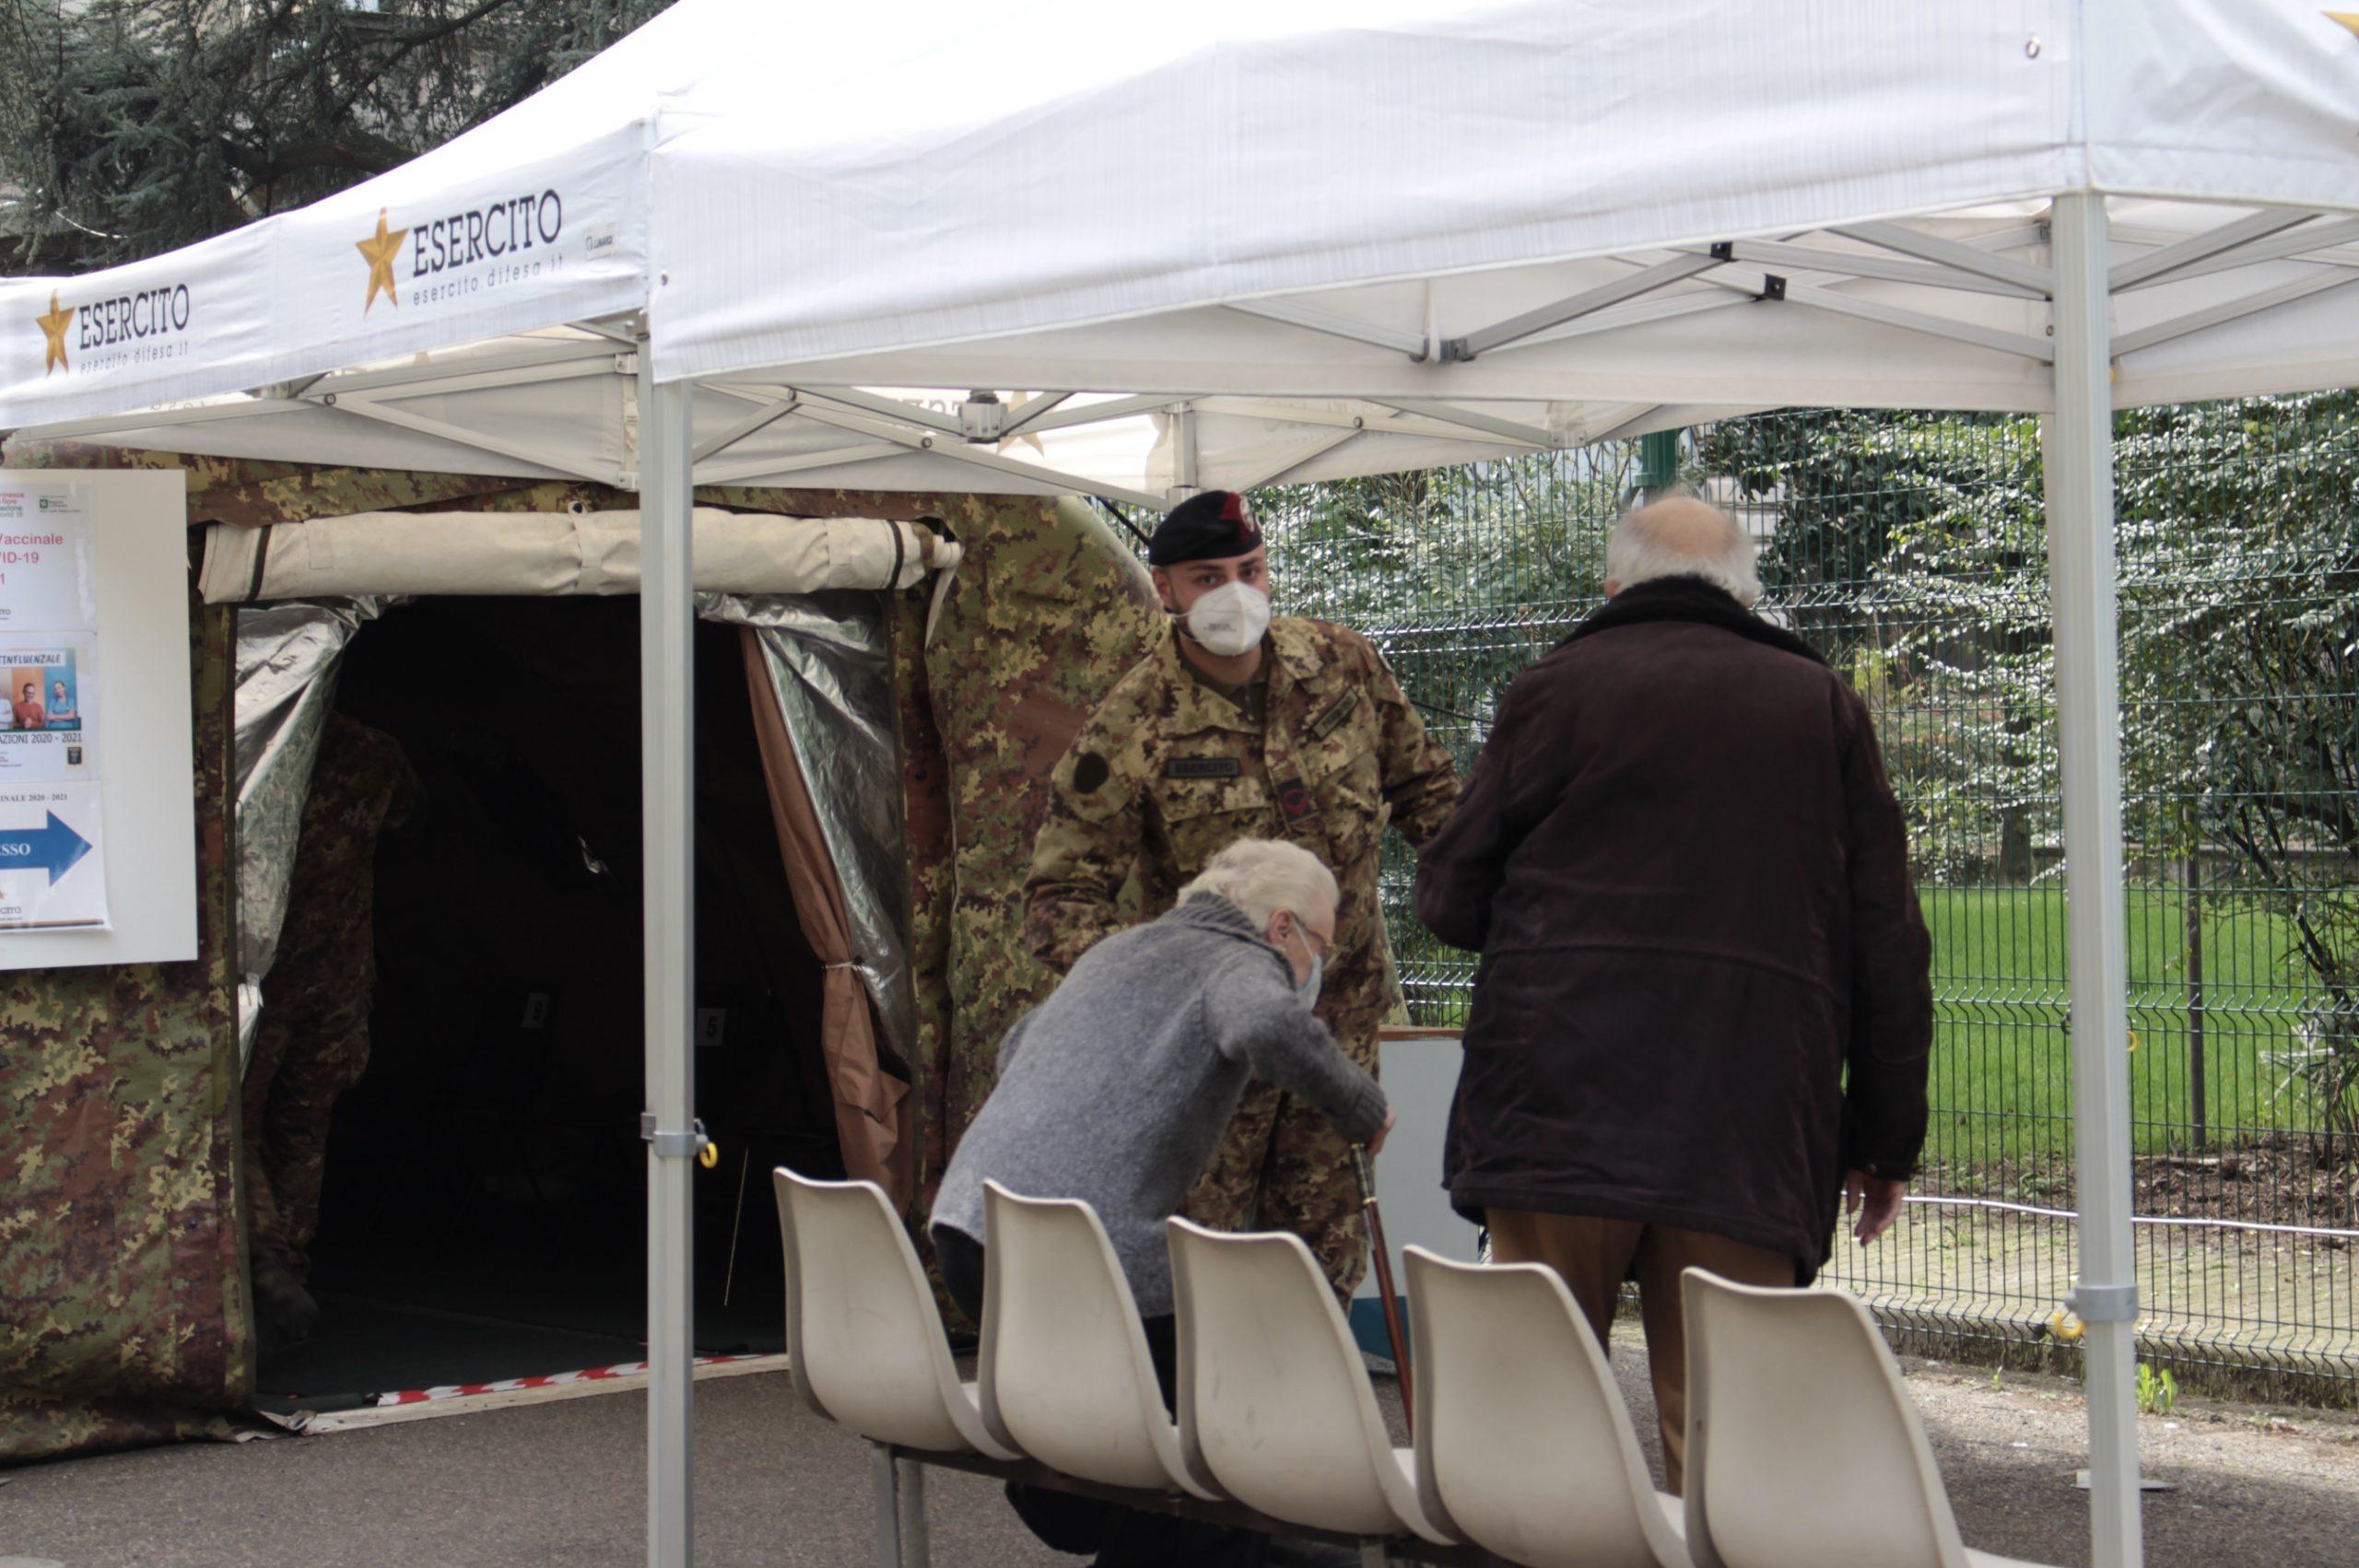 anziani vaccinati esercito